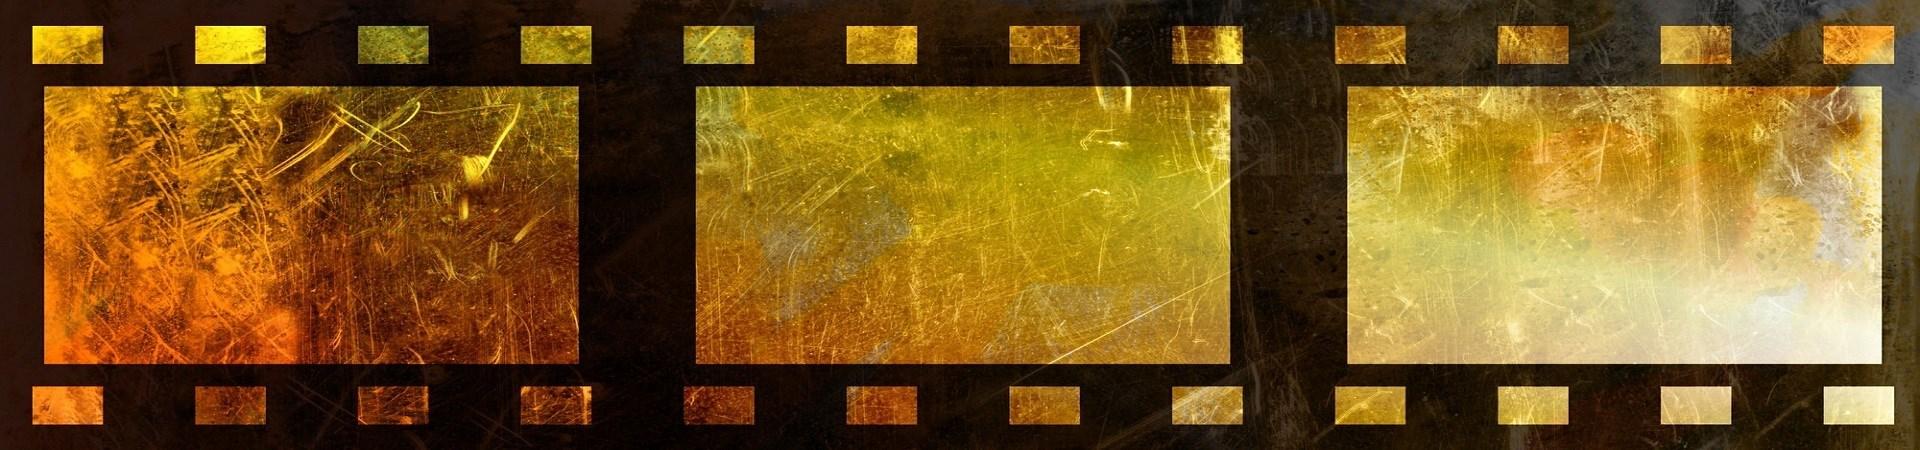 פסטיבל הקולנוע הבינלאומי בירושלים